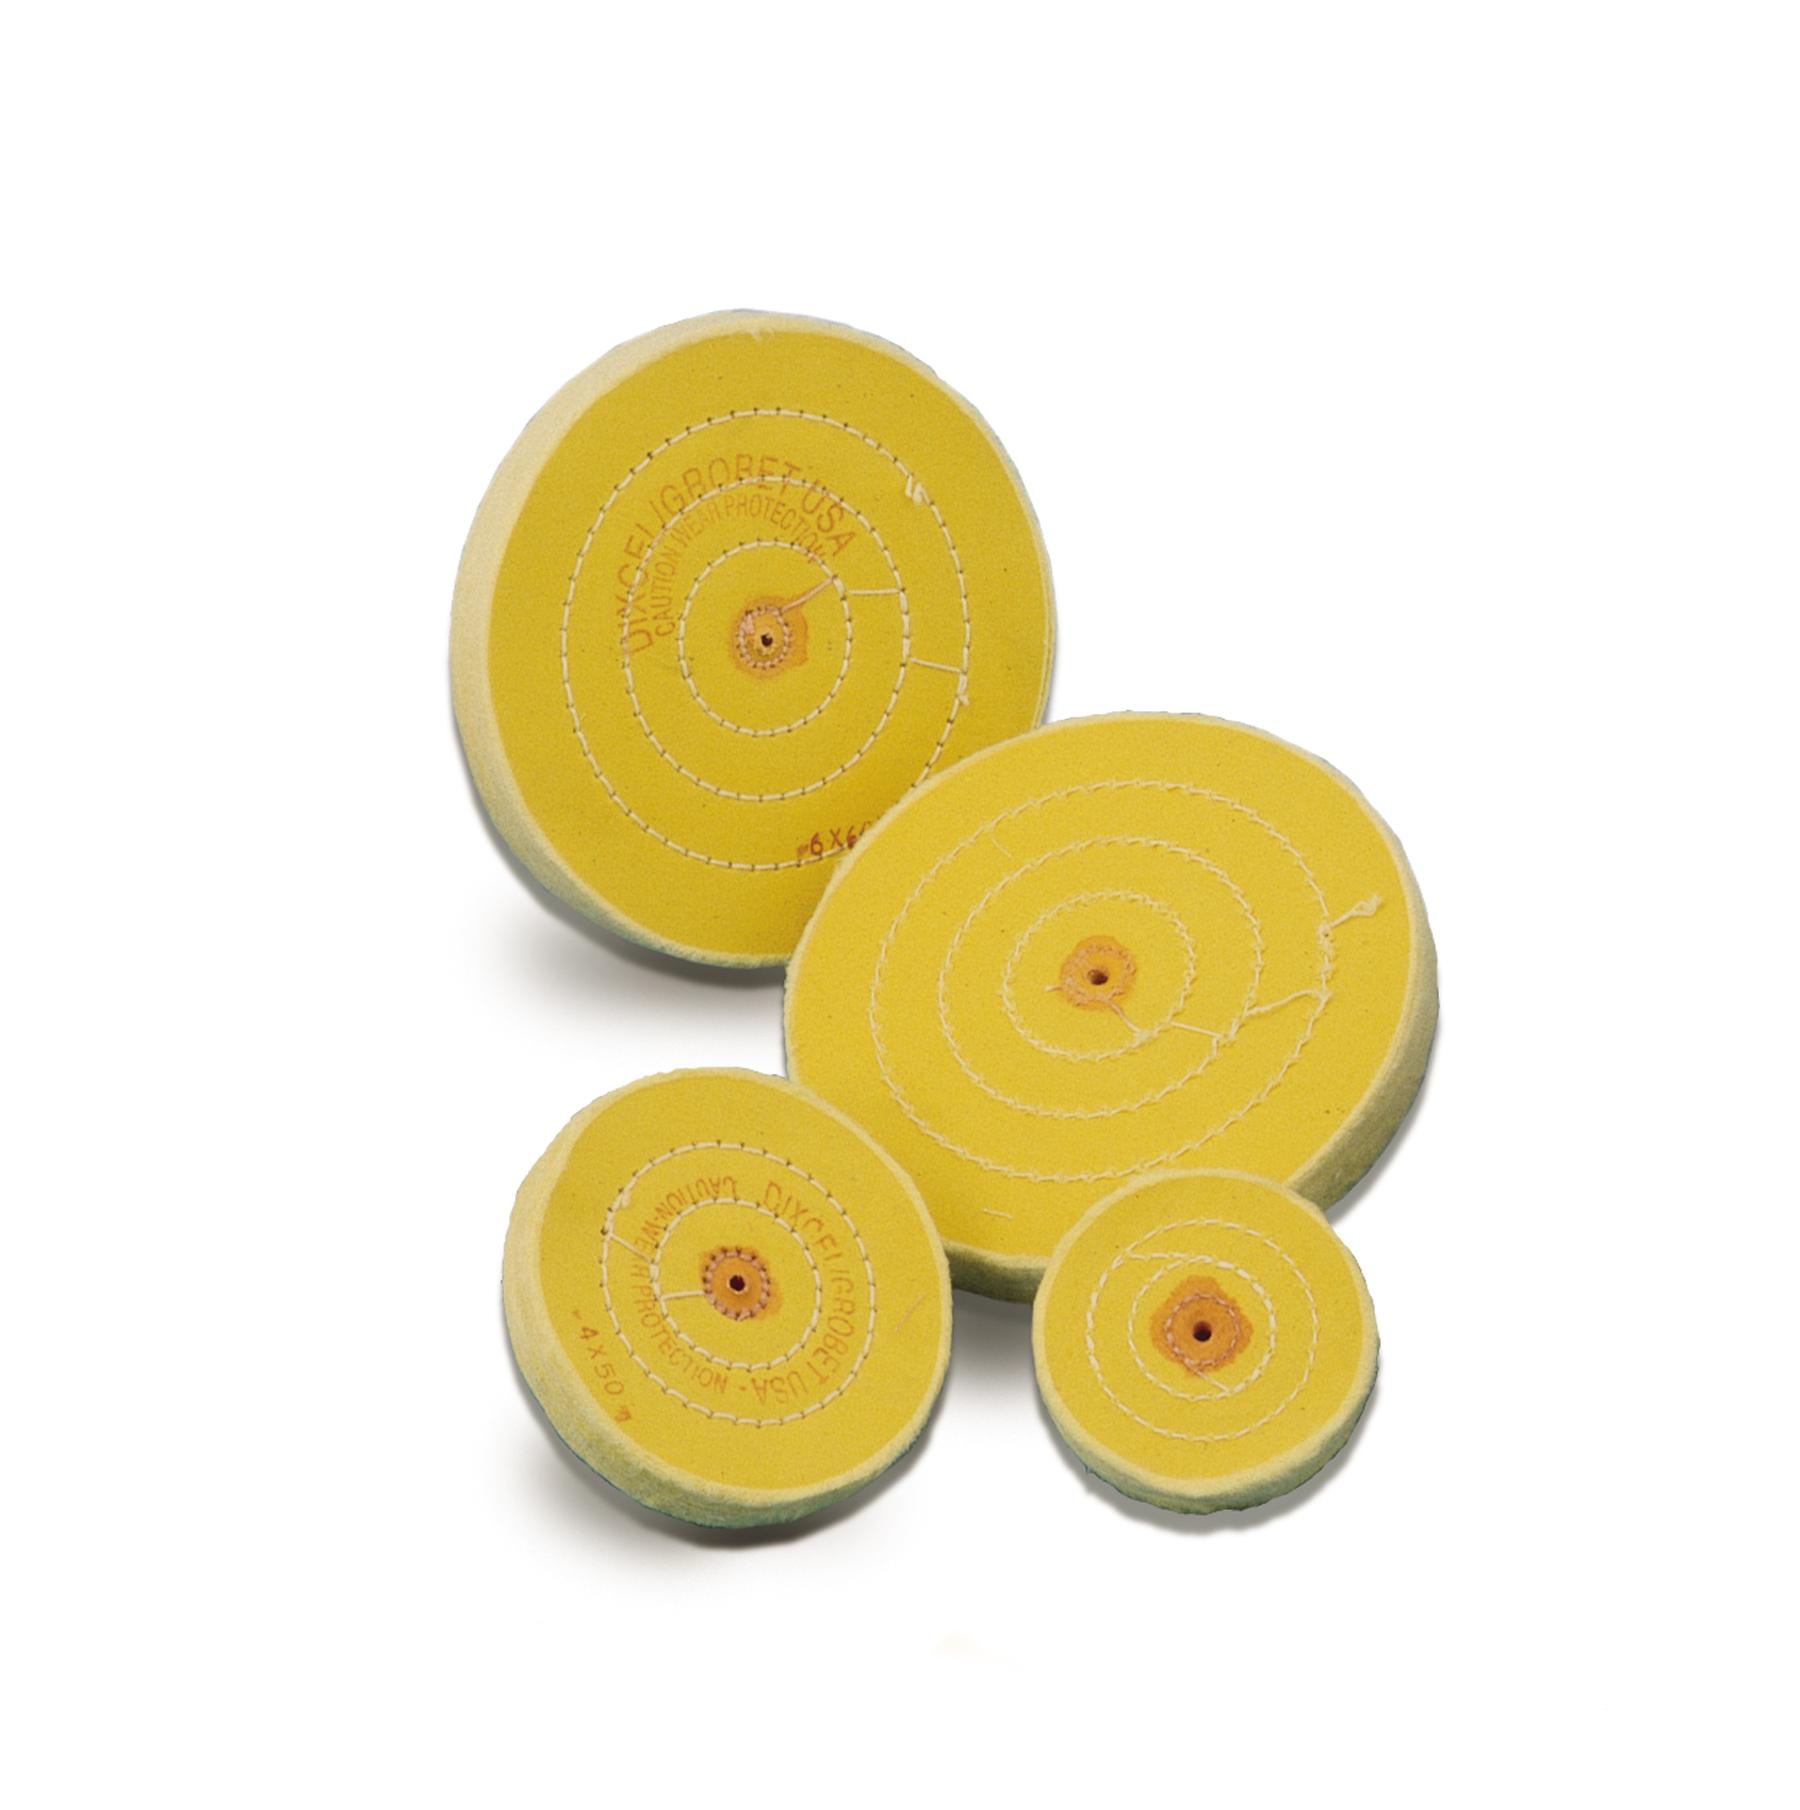 Yellow Chemkote Buff, Shellac Center, 4